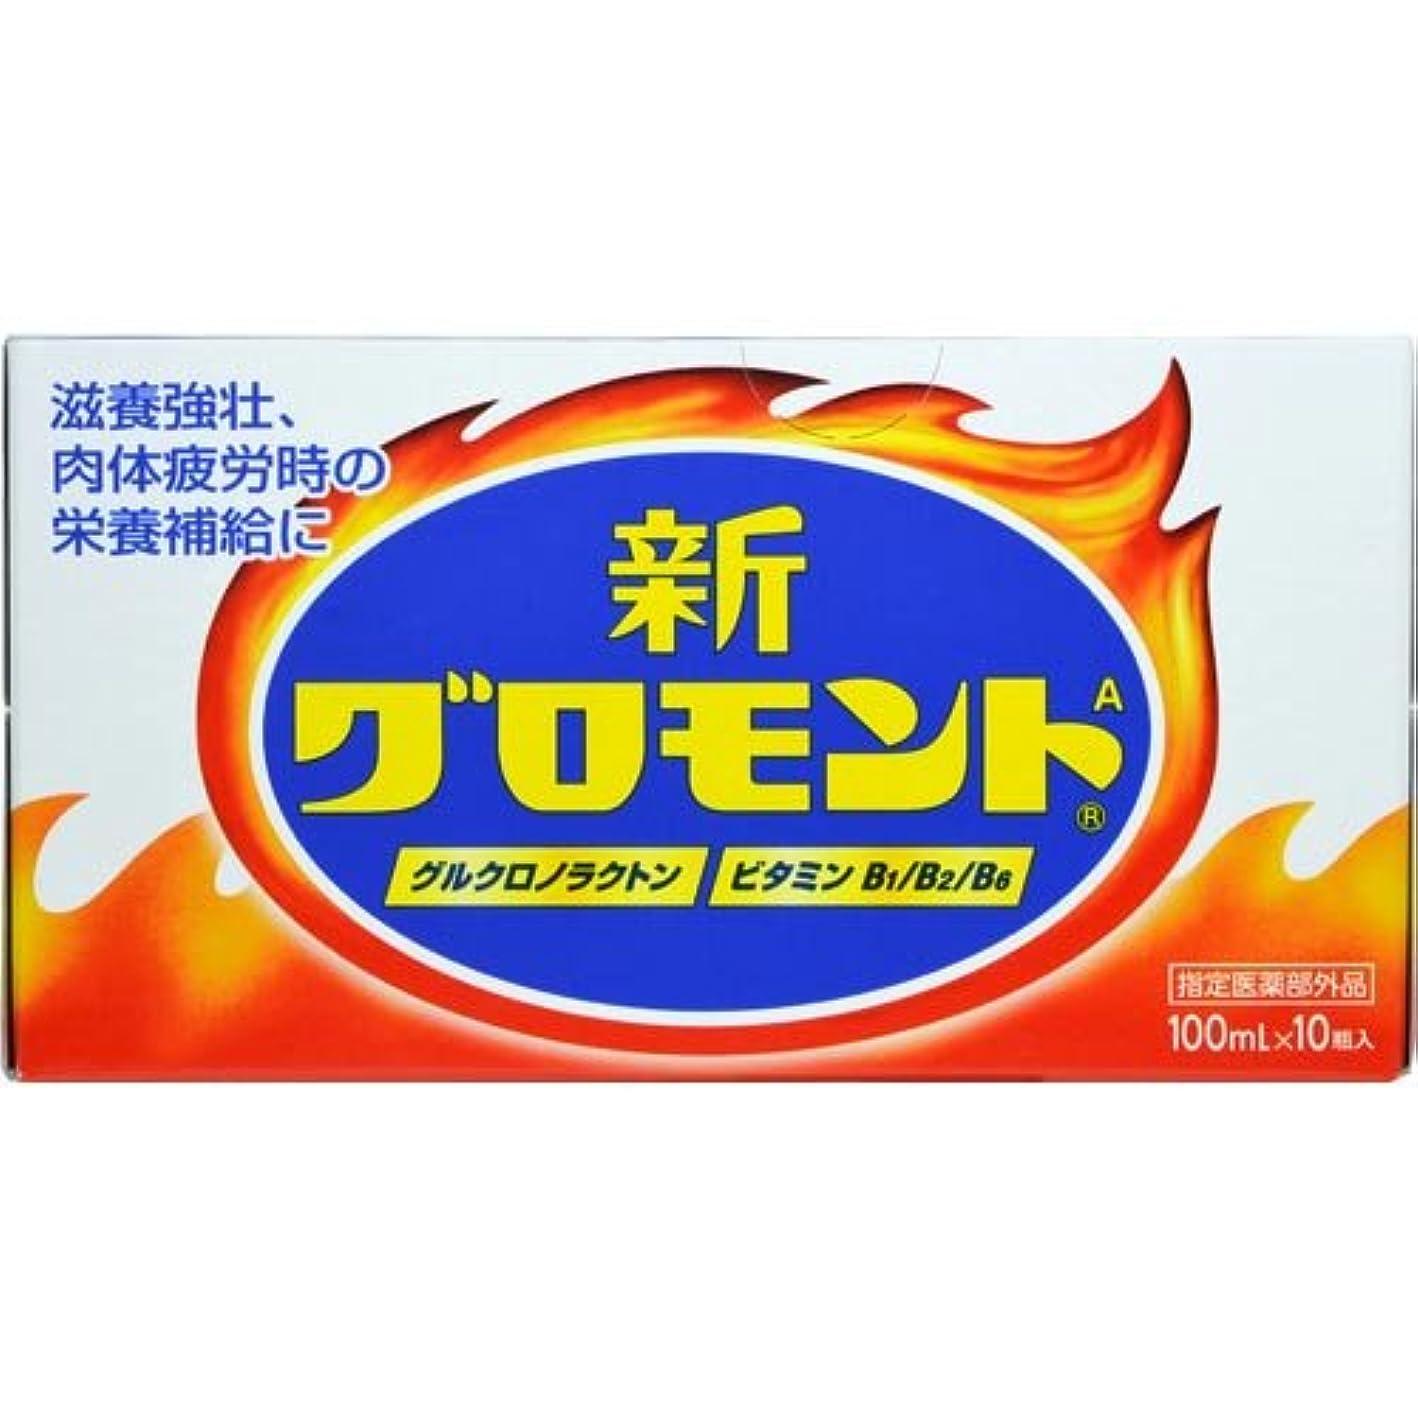 公爵閃光キャプテン新グロモントA 100ml×10本 (指定医薬部外品)